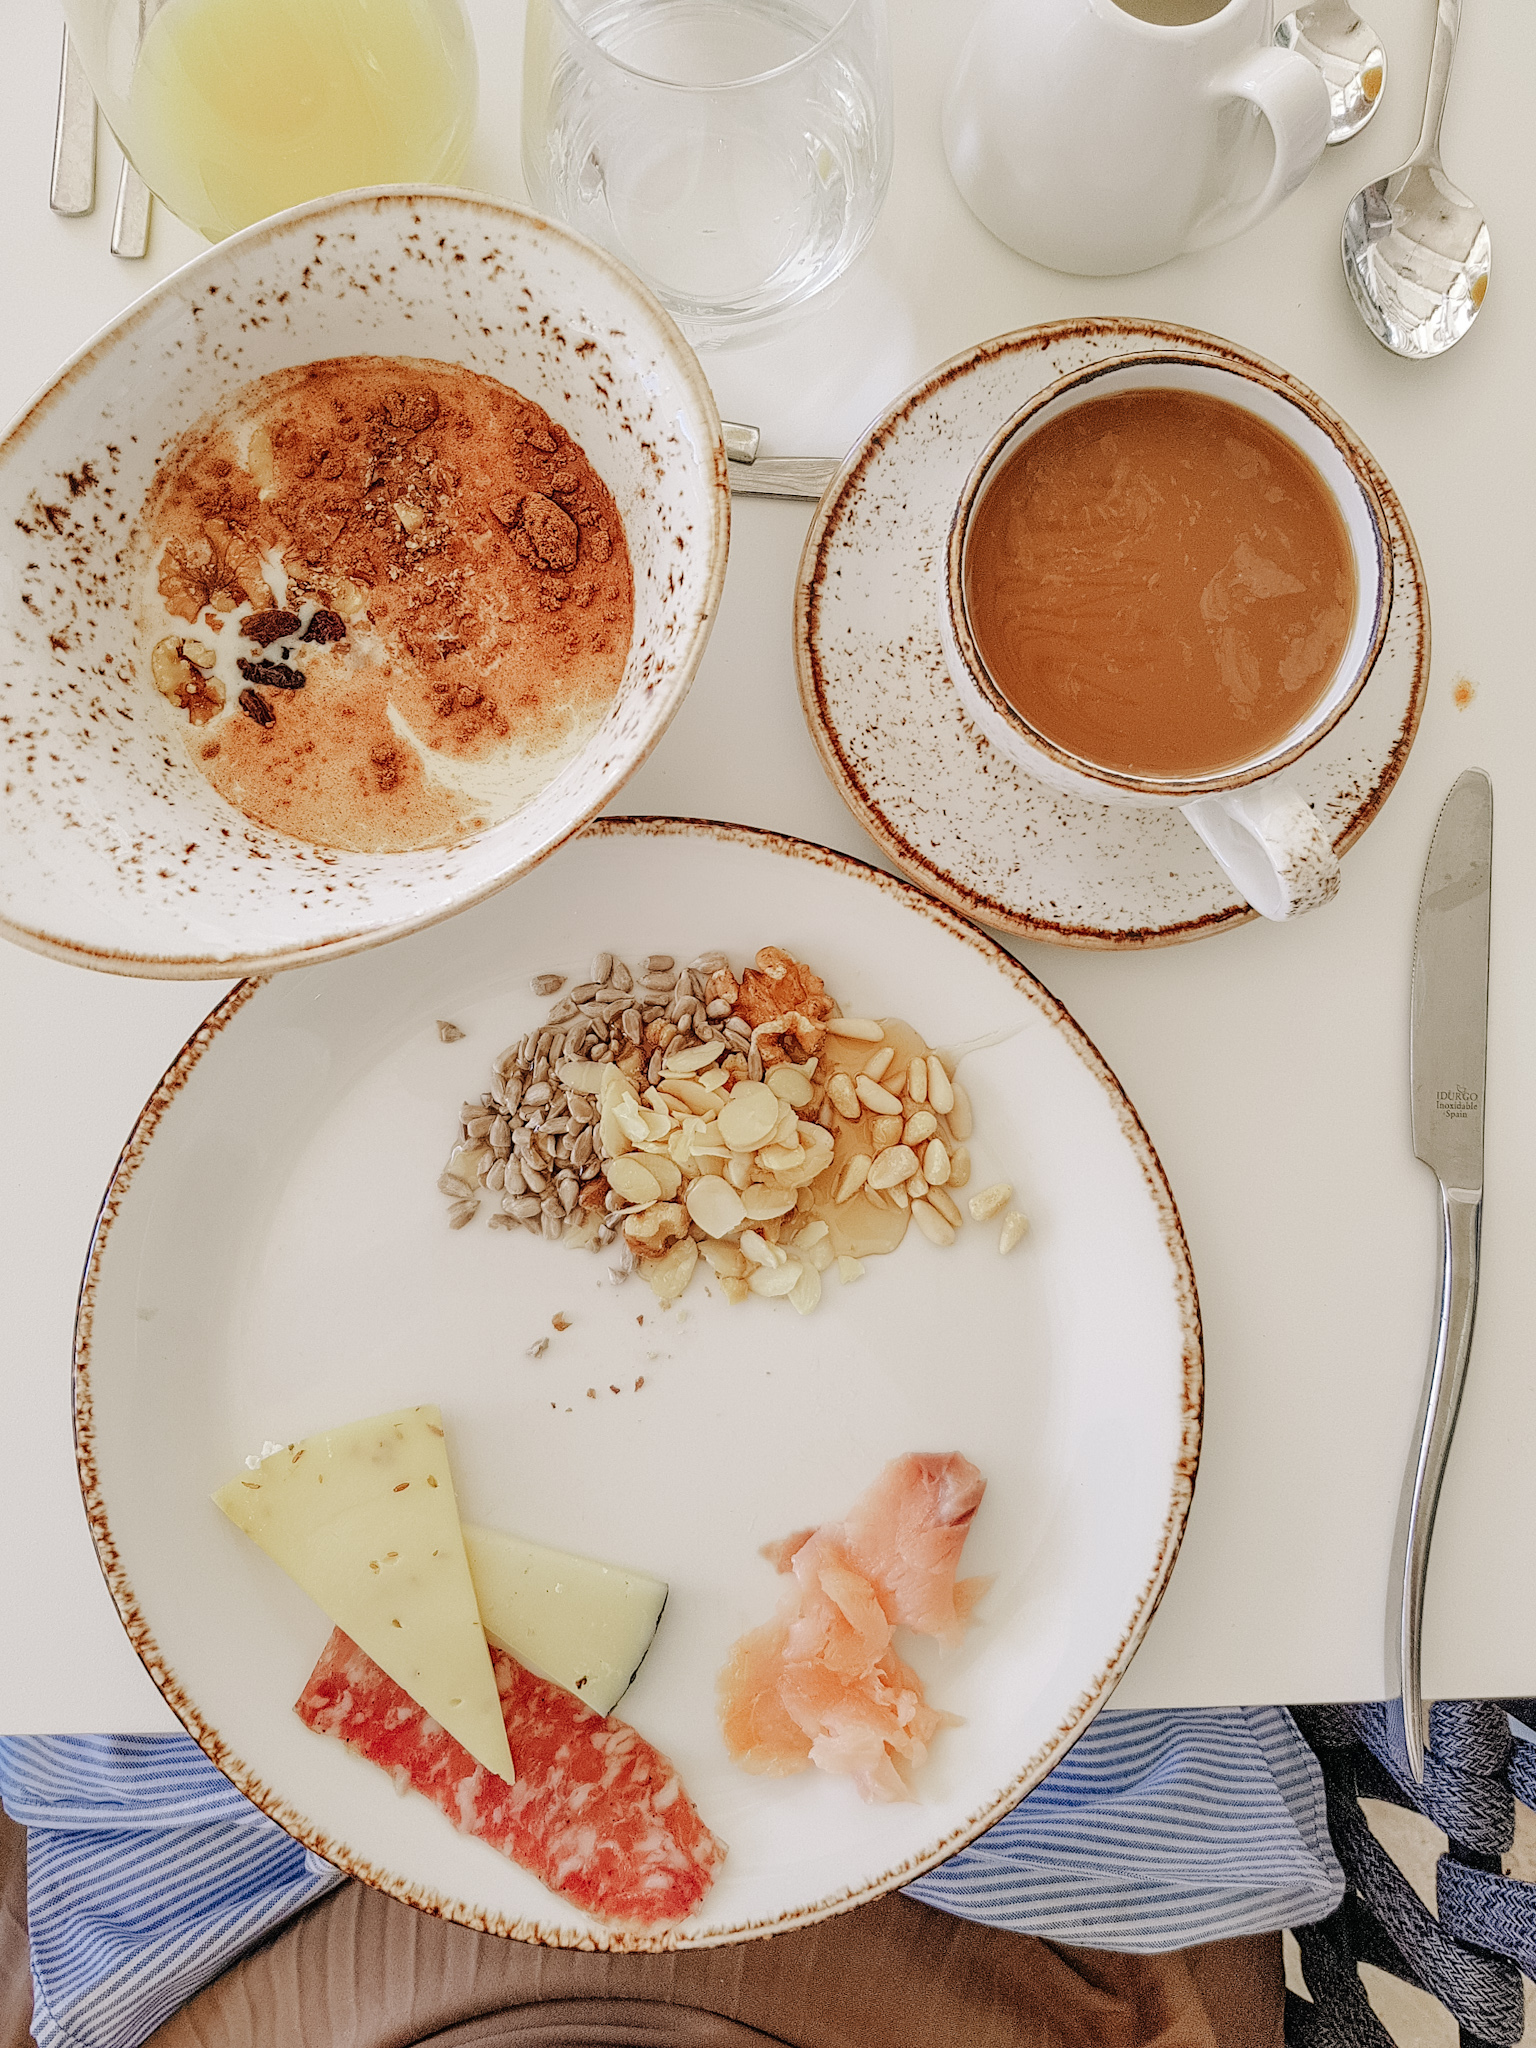 Desayuno @ Domenica Gastro Hall